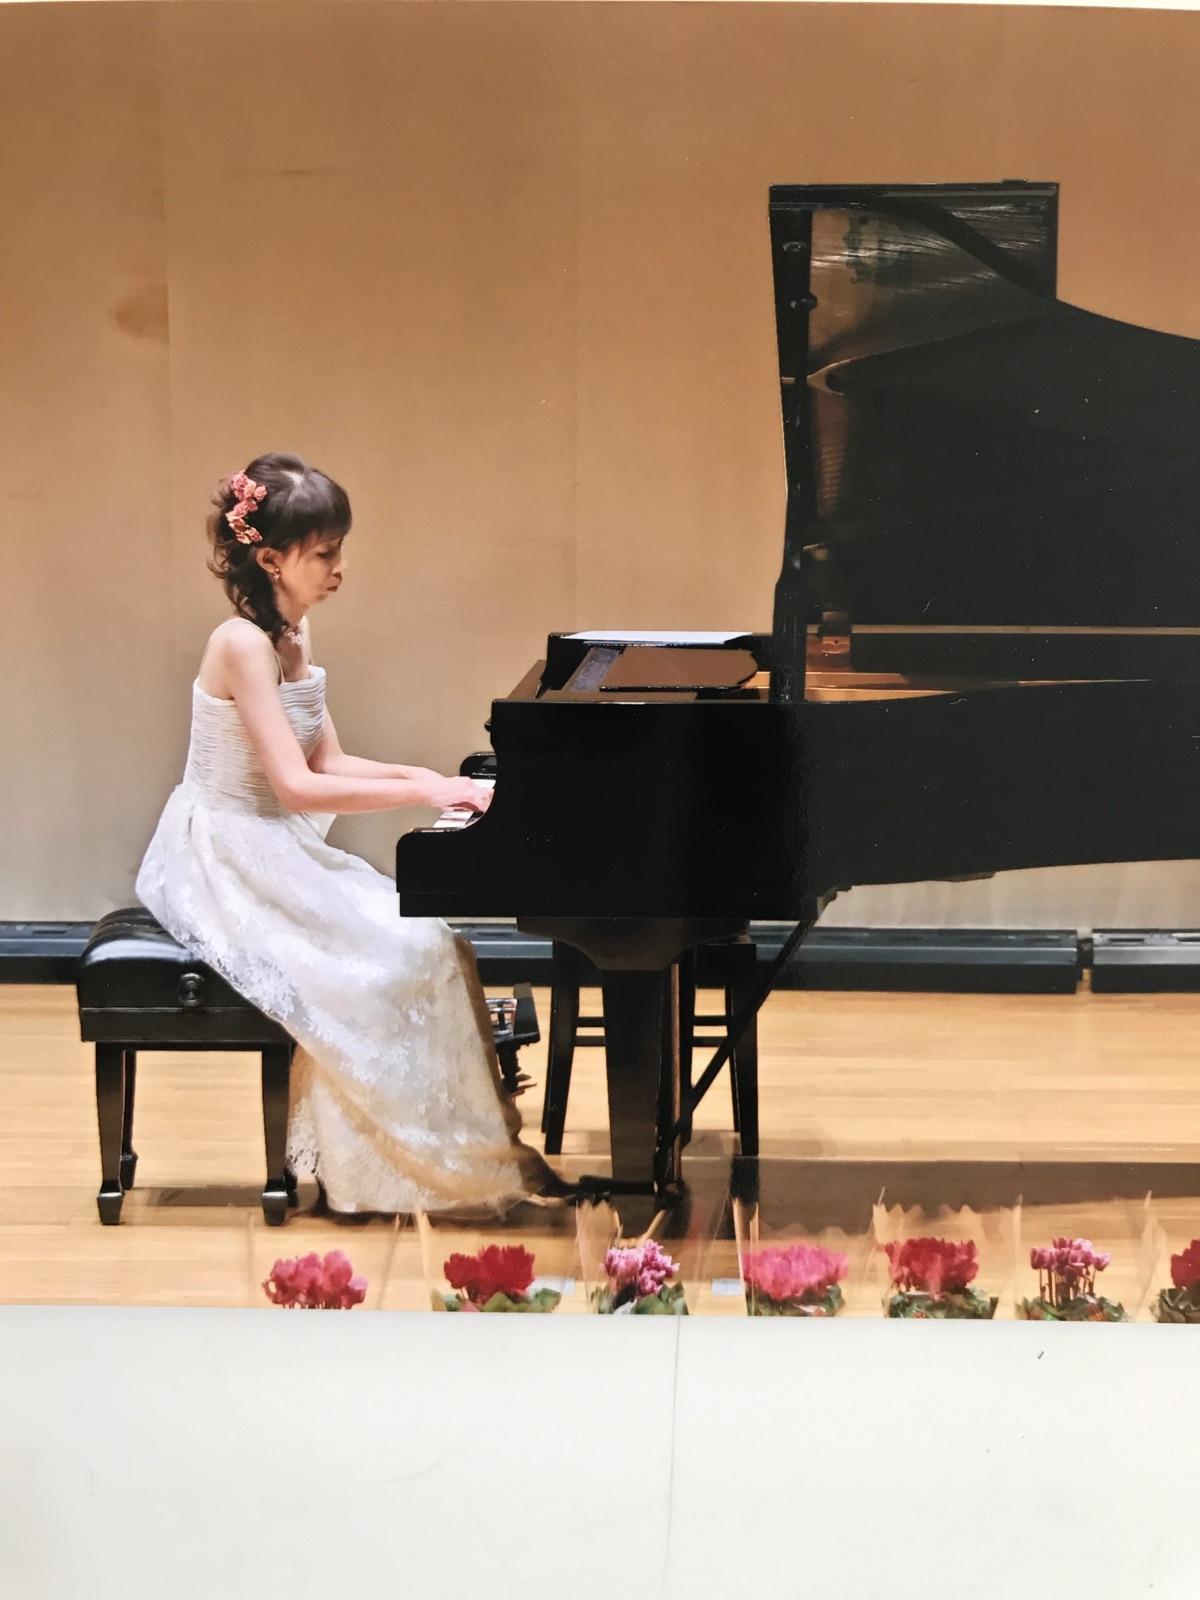 望月ぴあの教室 | 長野市豊野町のピアノ教室